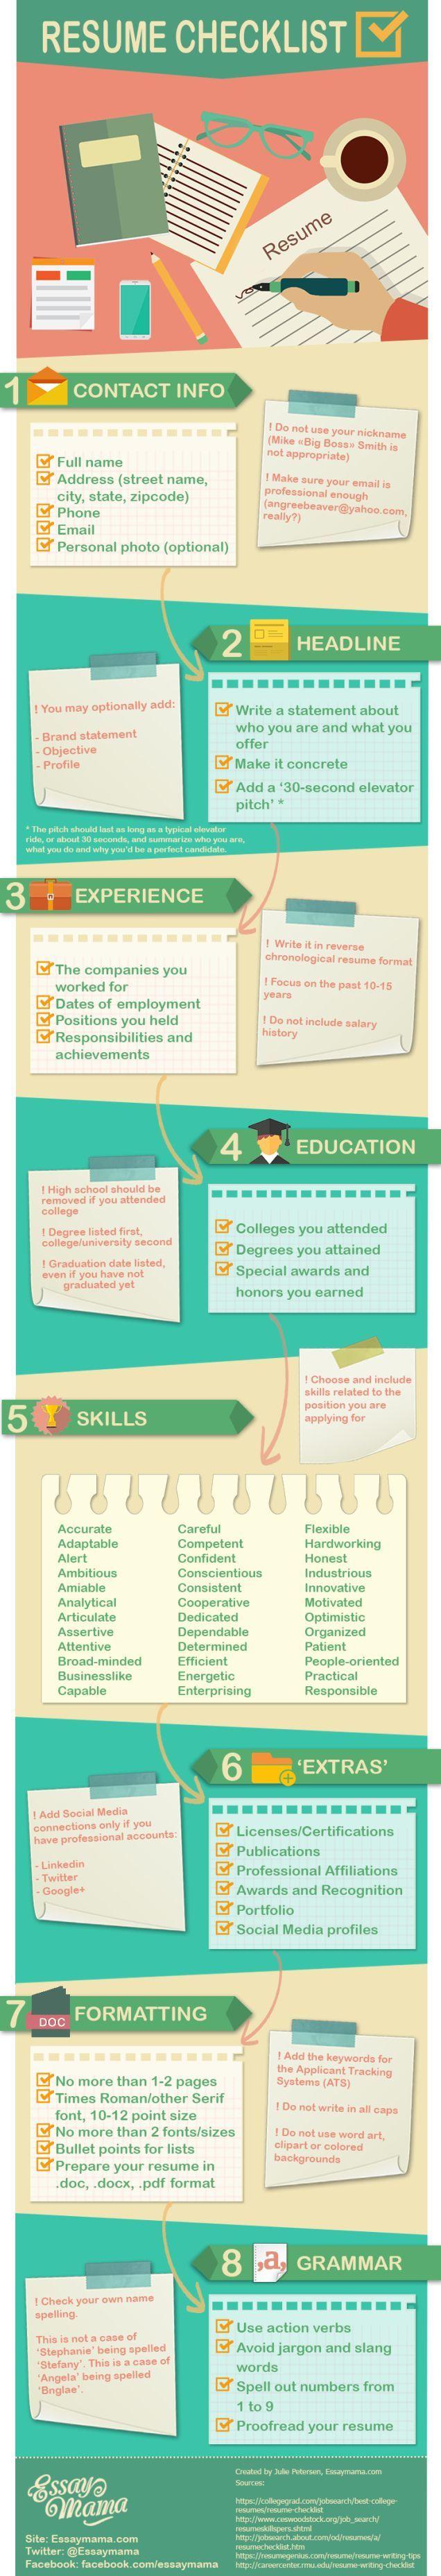 10 mejores imágenes de Job Search en Pinterest | Entrevista ...